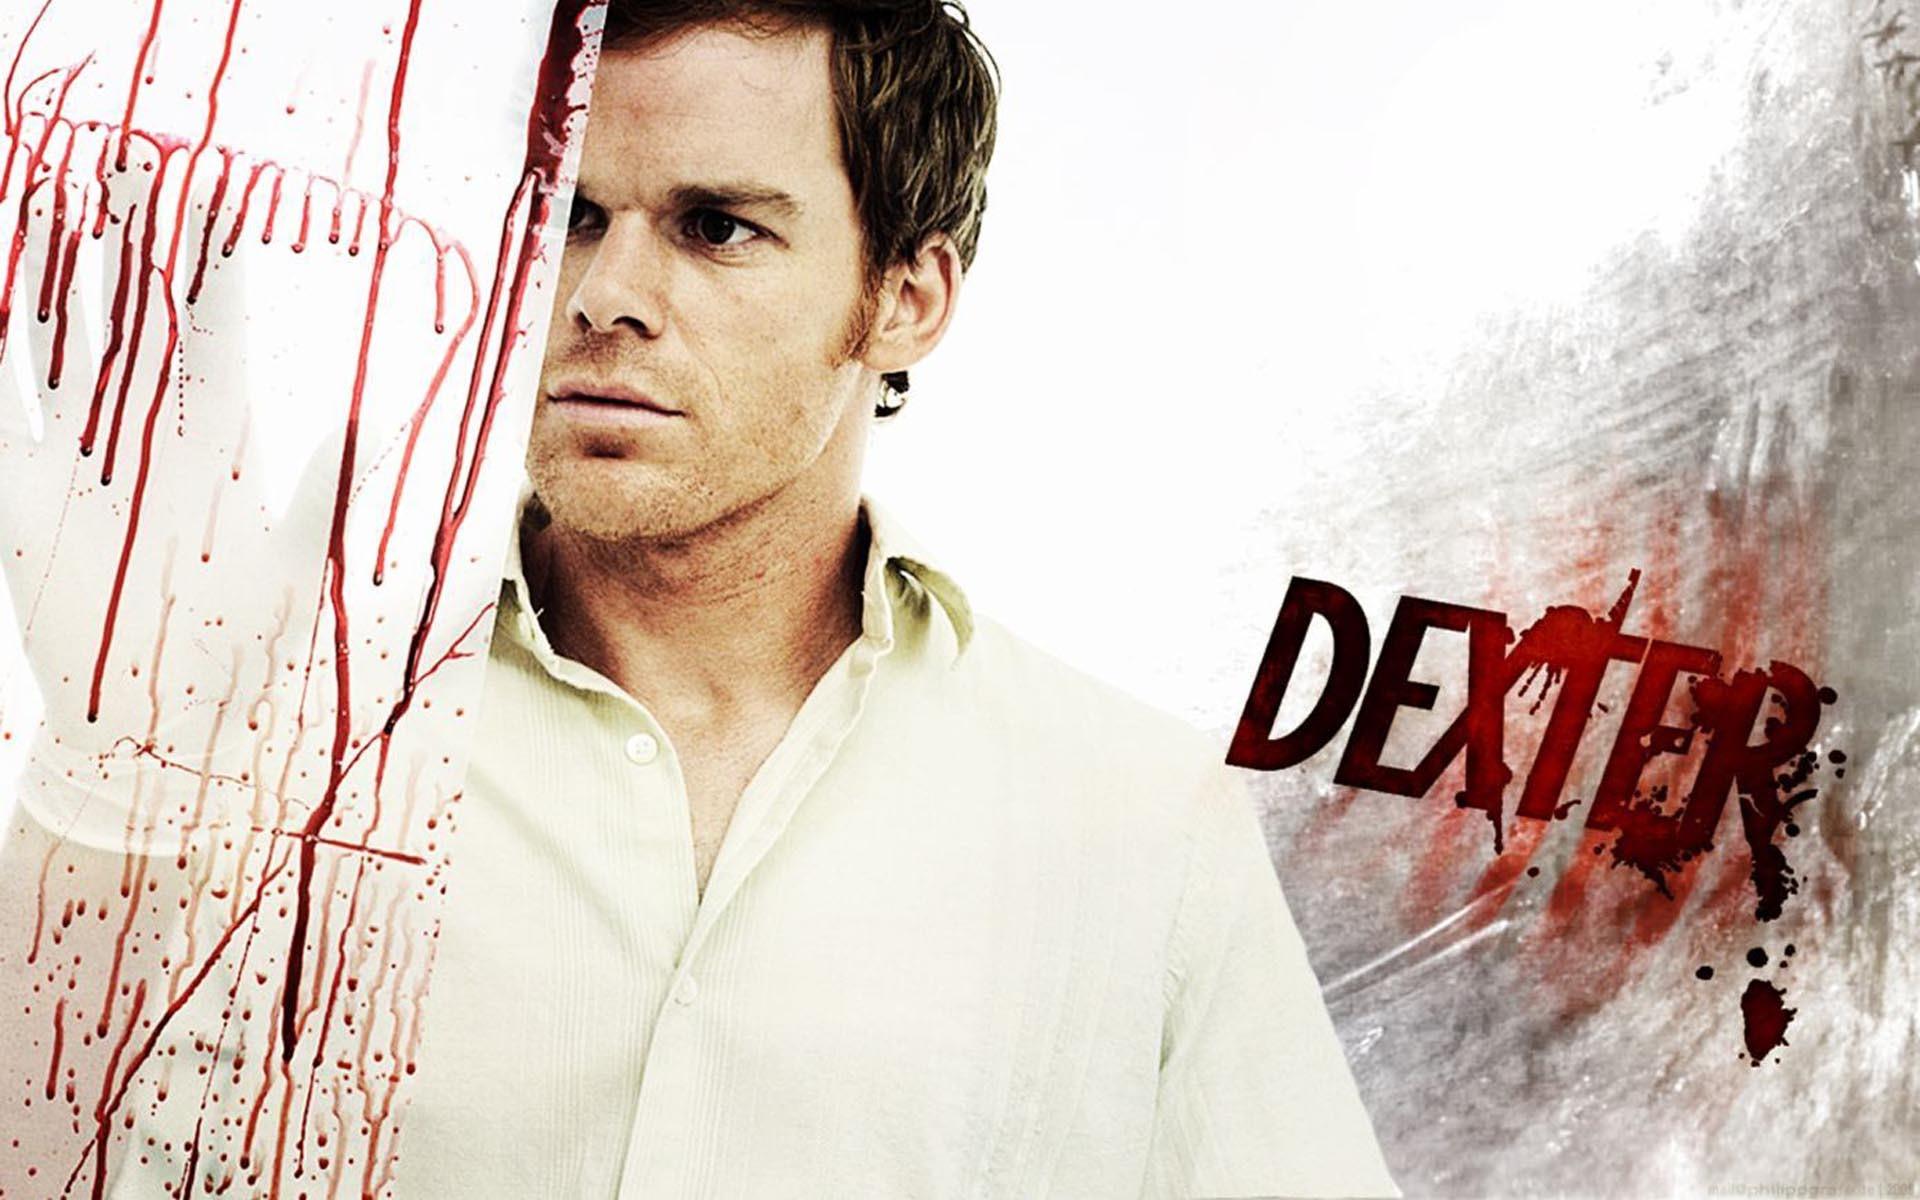 Dexter Morgan – my favorite serial killer